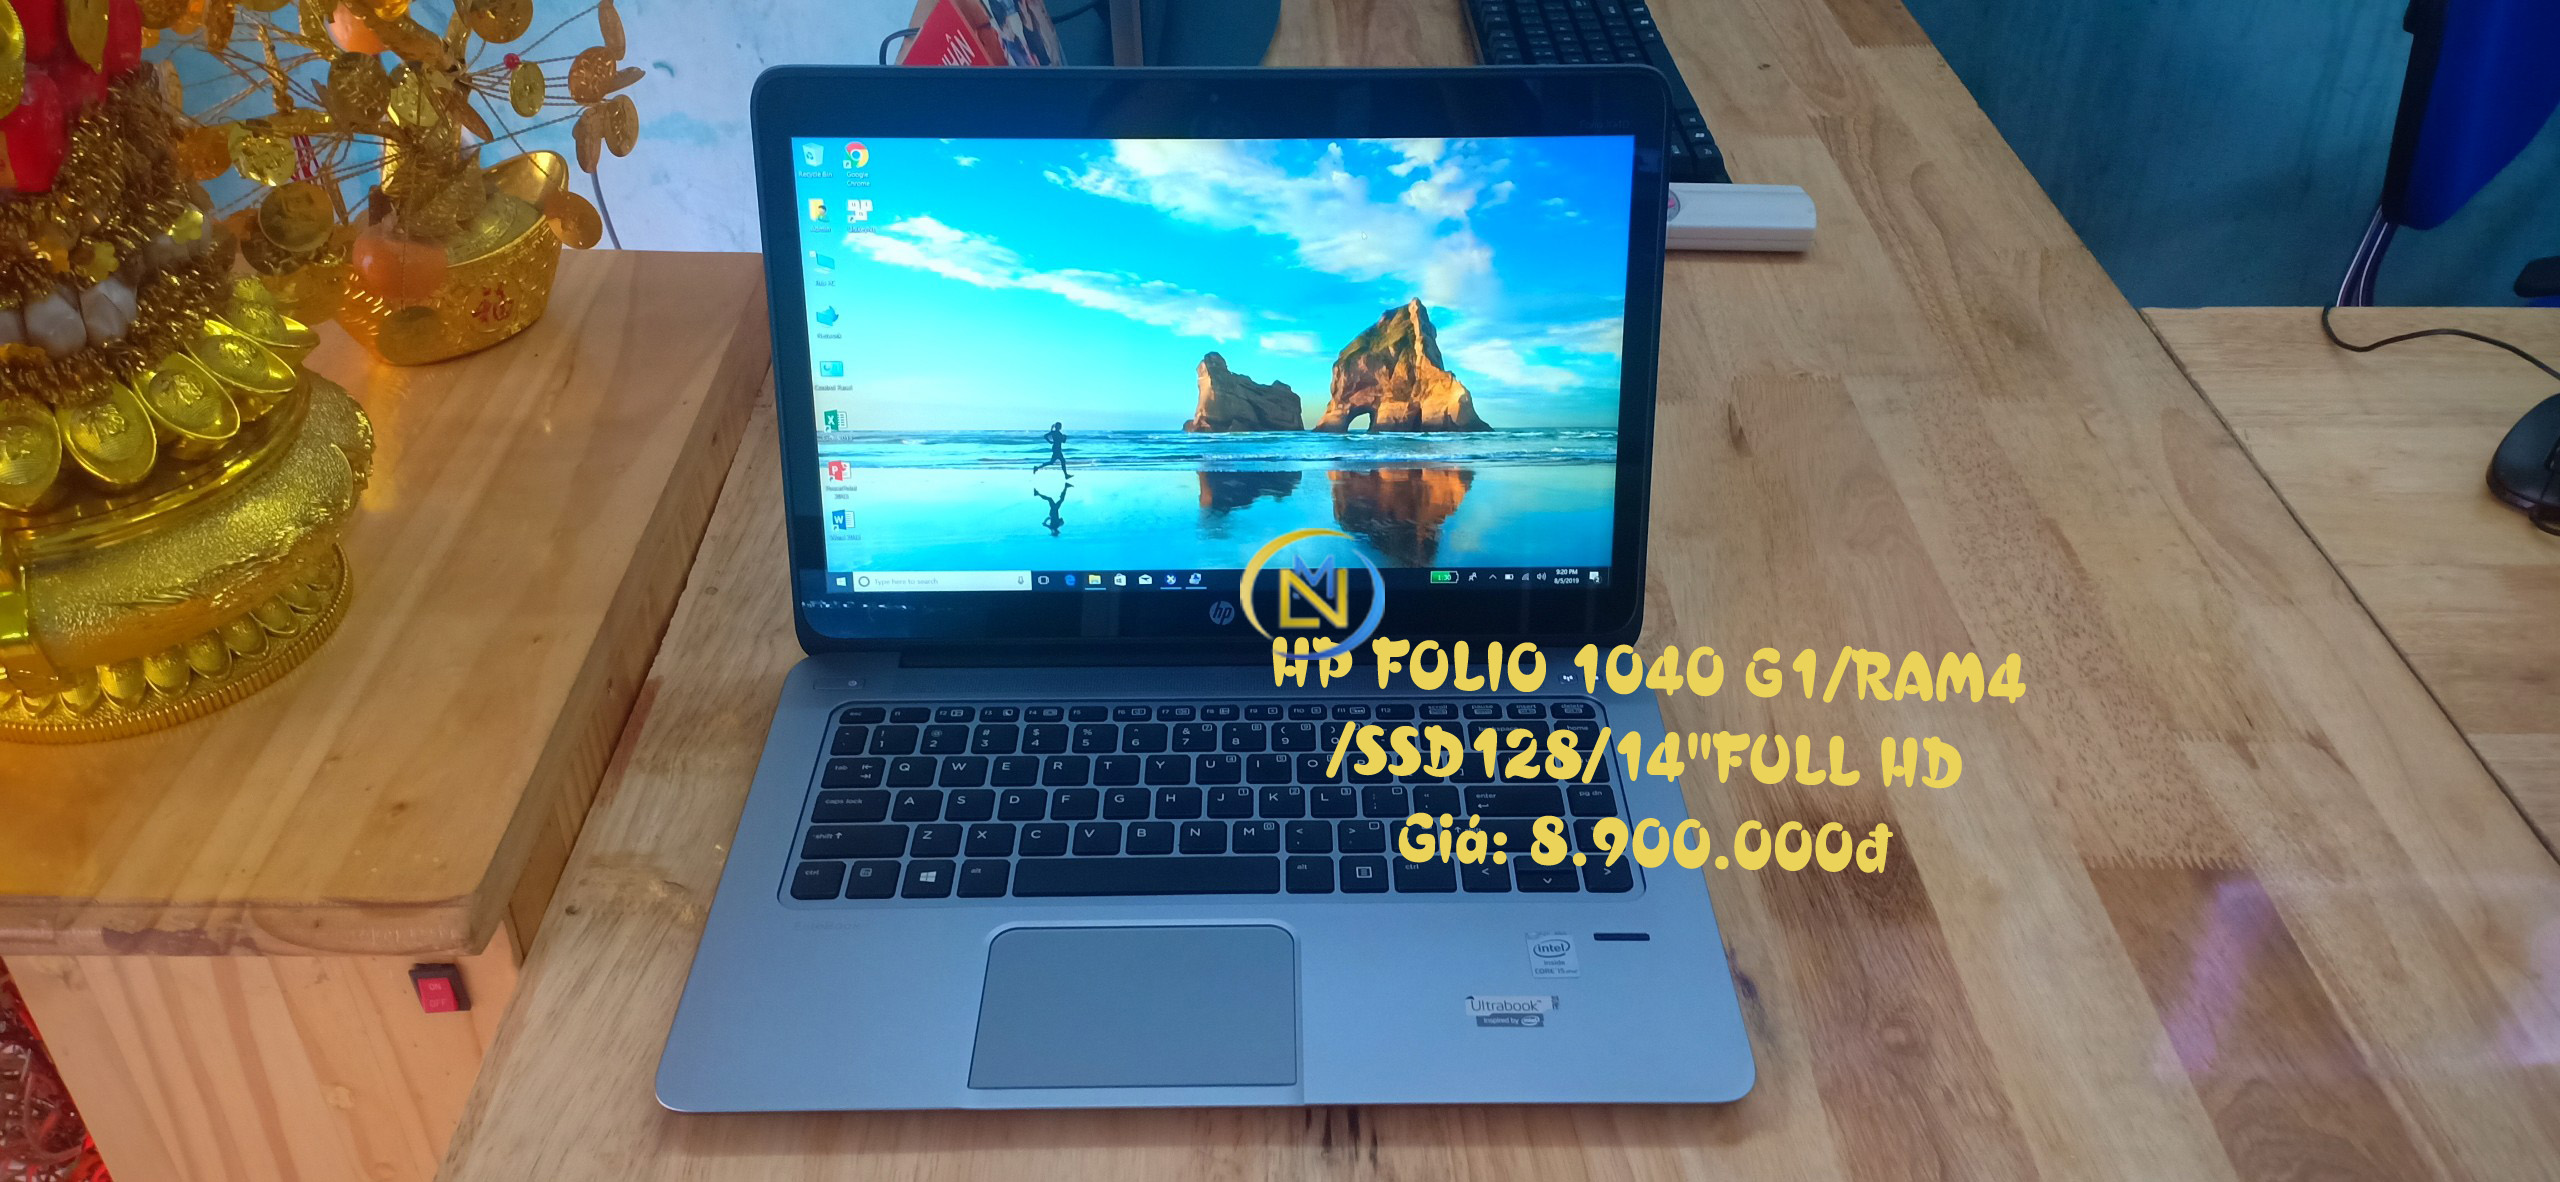 HP FOLIO 1040 G1